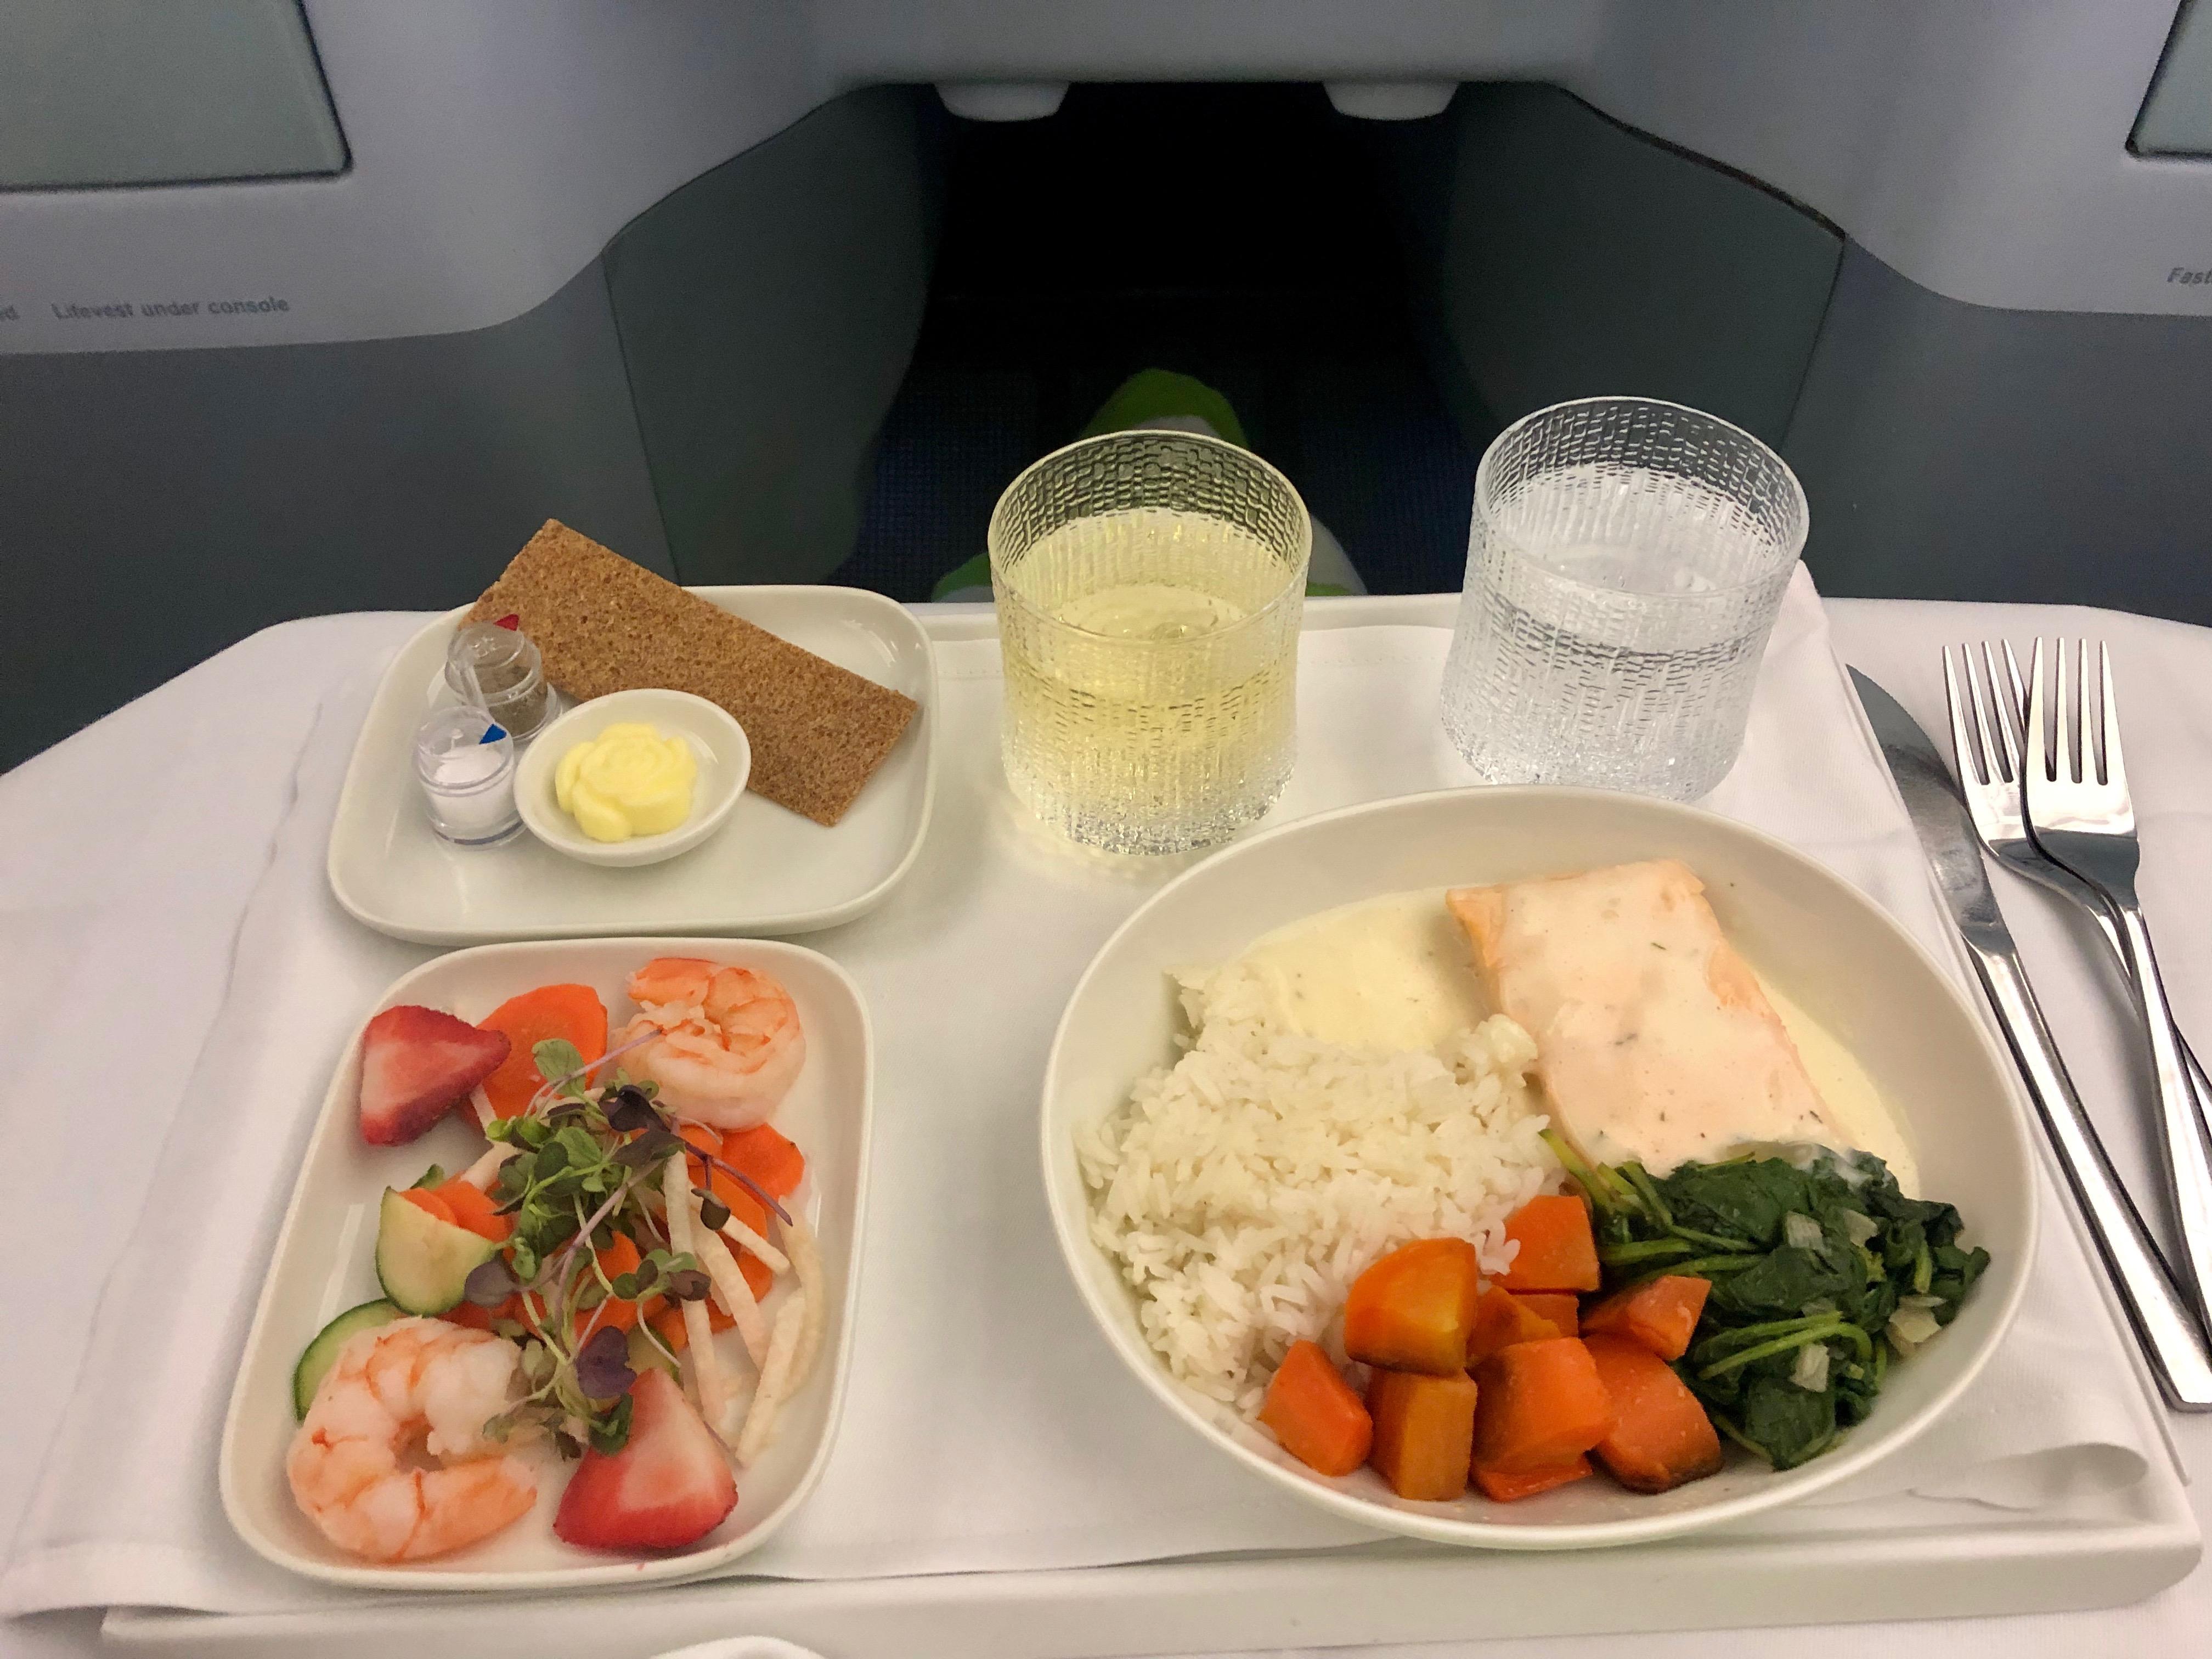 Finnair A330-300 JFK-HEL business class poached salmon with creamy lemon-dill sauce and Jasmine rice